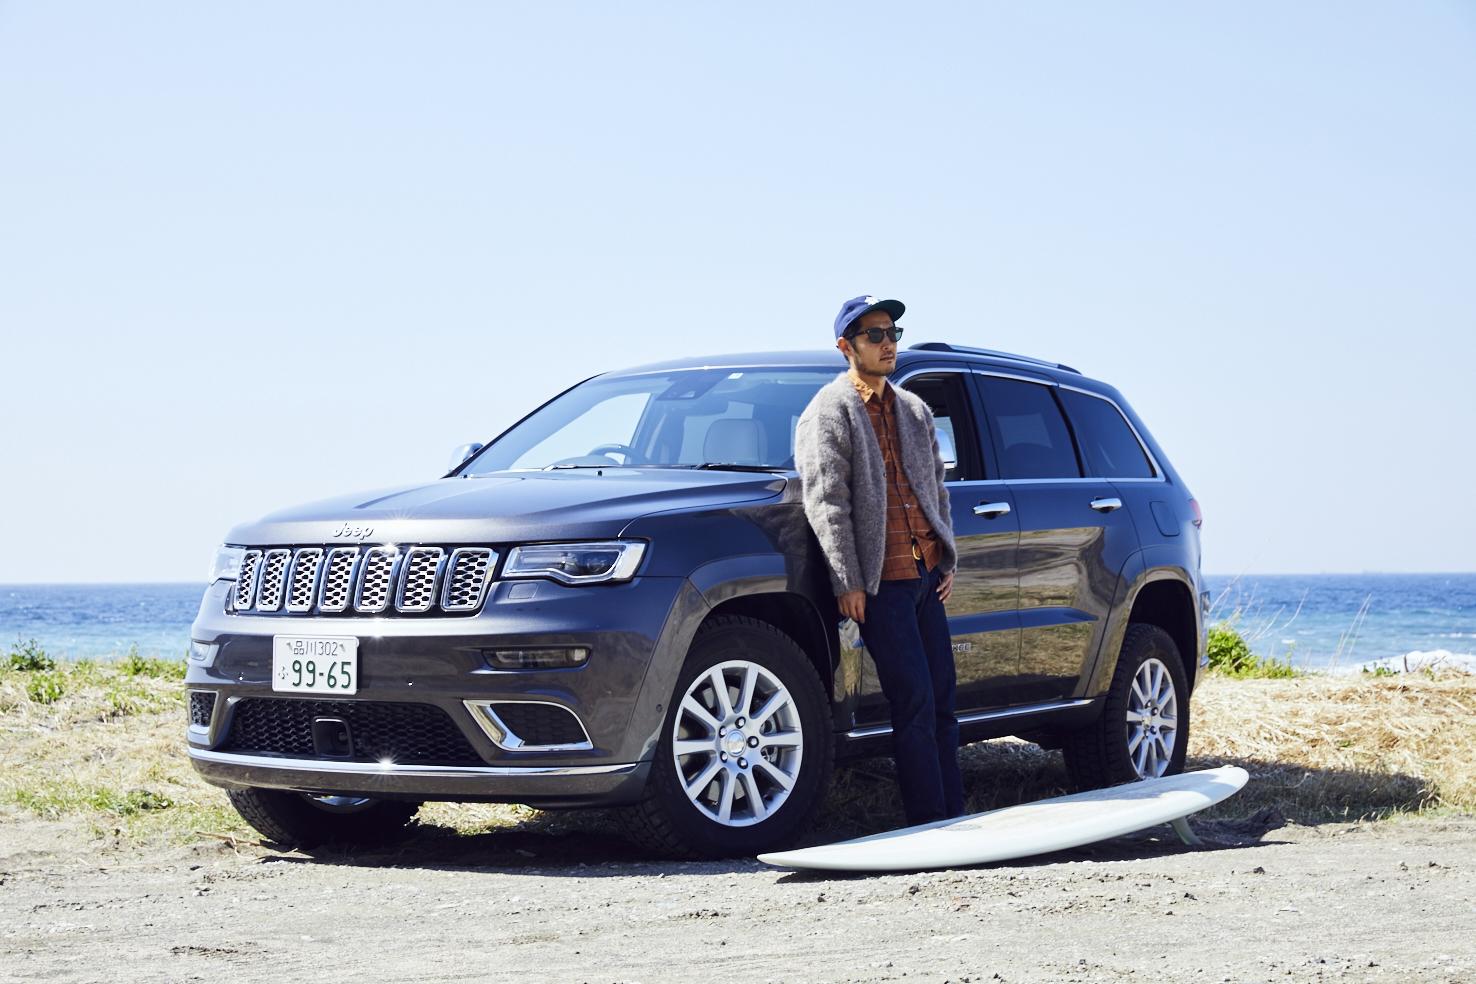 j_0788 ラジオ番組『Jeep® CREATIVE GARAGE』3月のゲストはアーティスト・花井祐介さん。